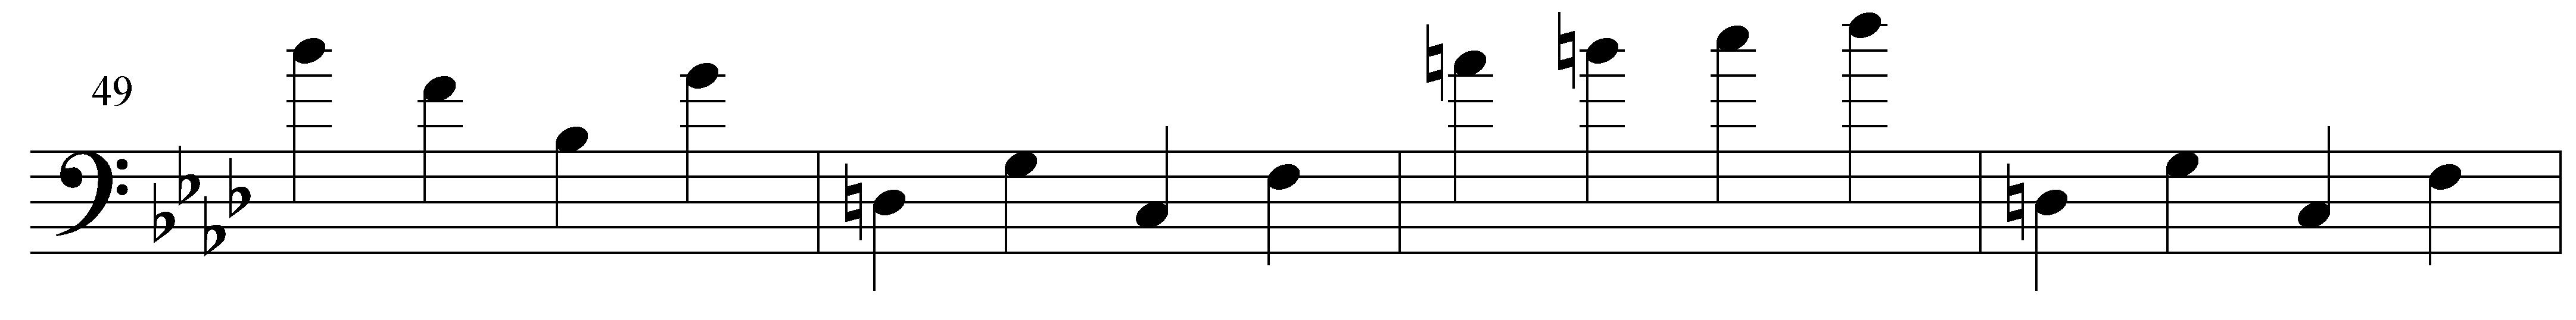 Abrupt-Range-Pixie2